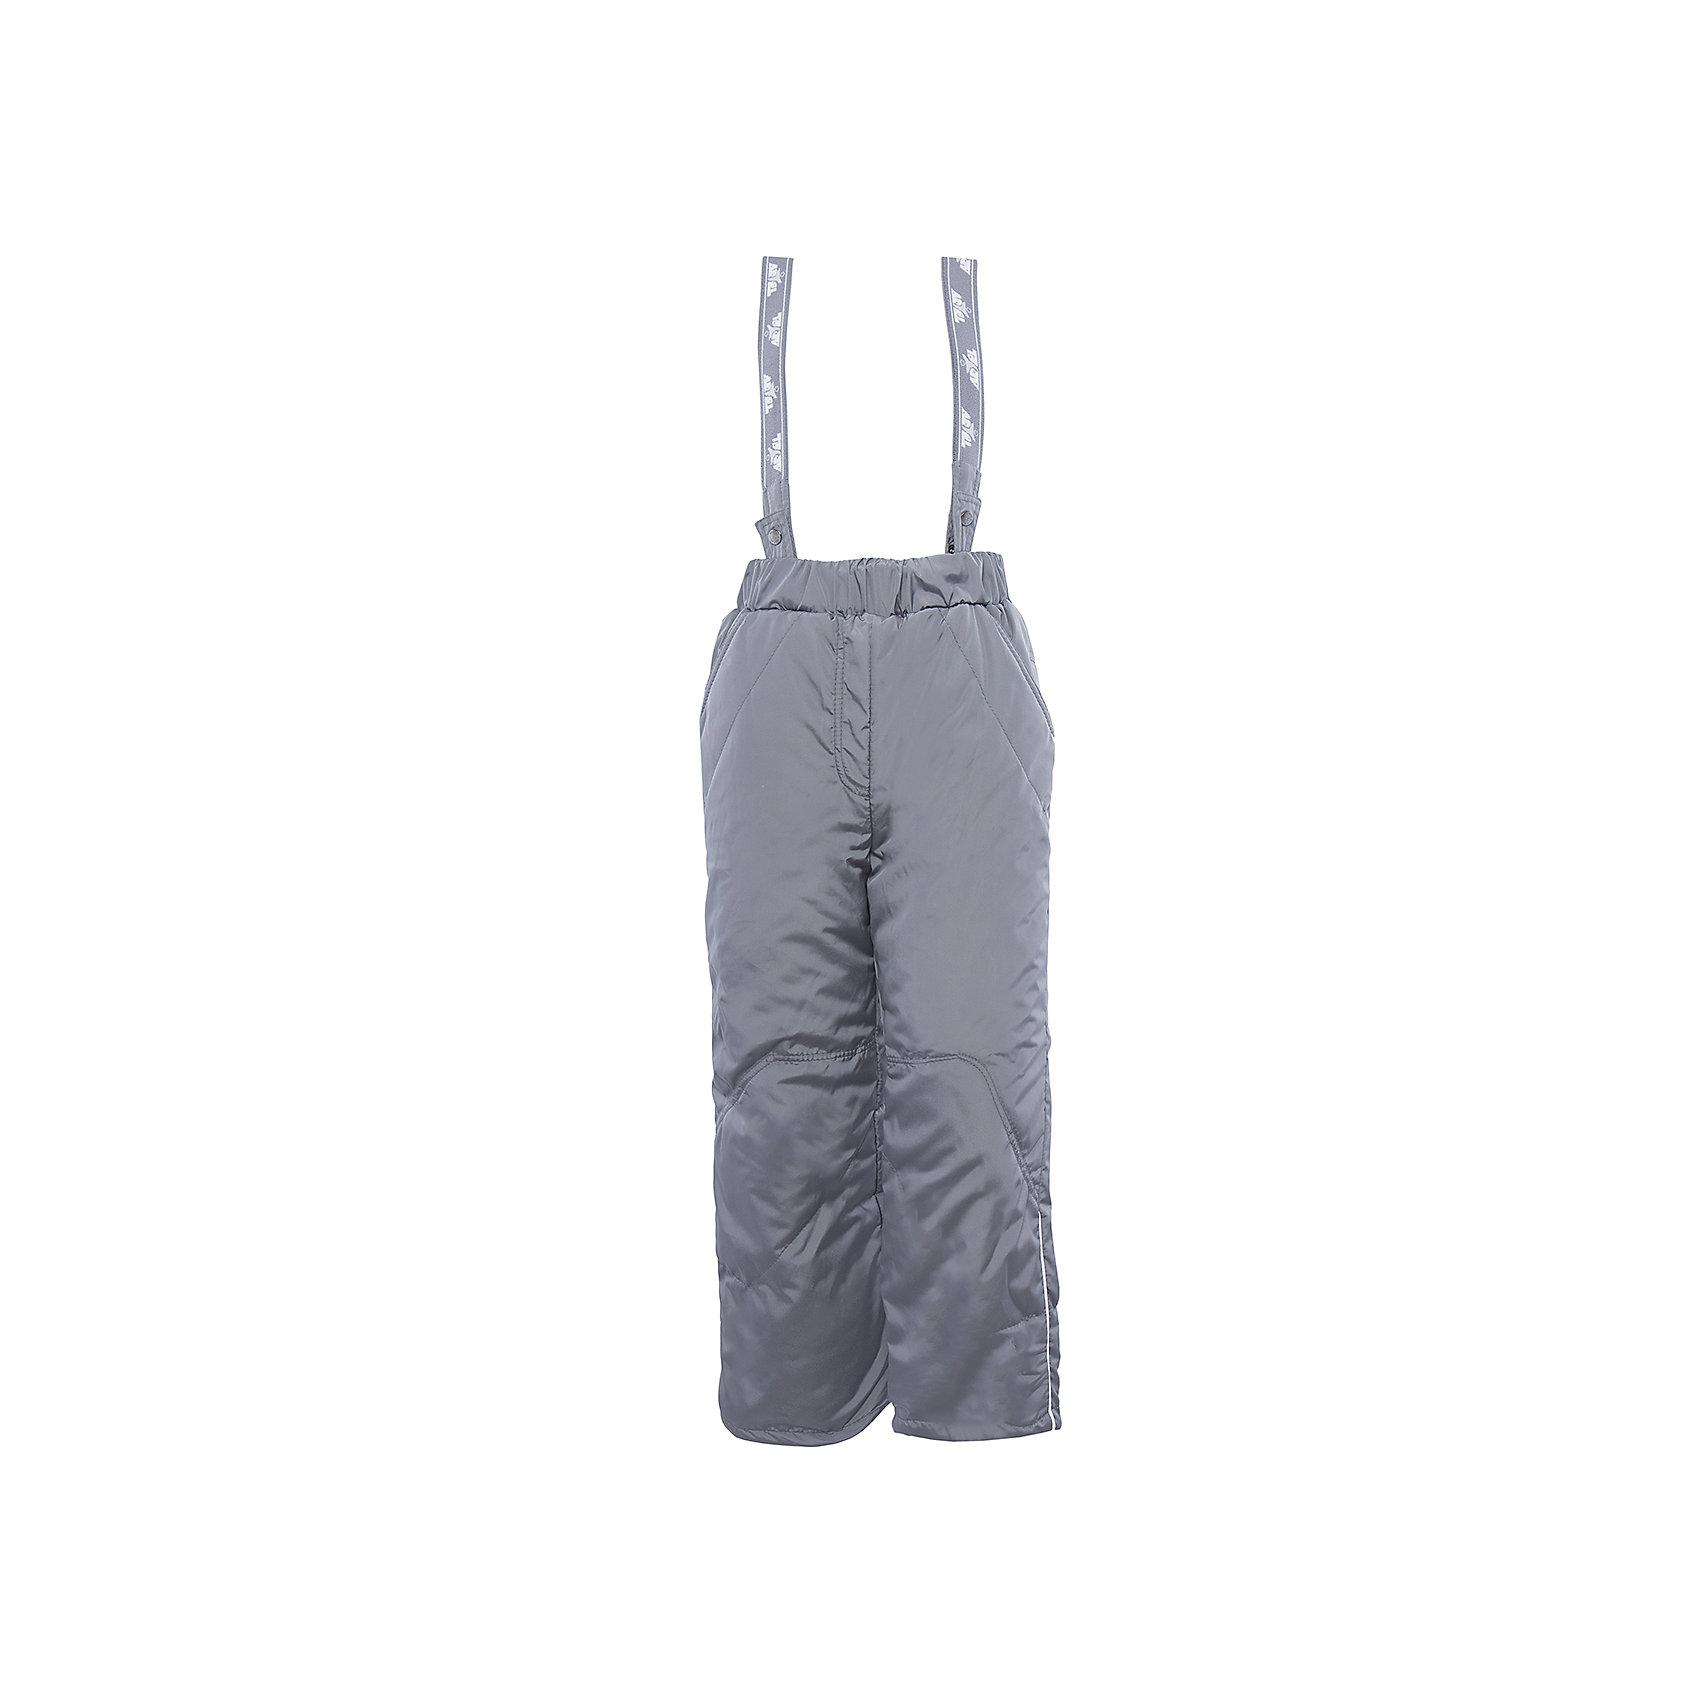 Брюки для мальчика АртельБрюки для мальчика от известного бренда Артель<br>Утепленные брюки для мальчика со съемной спинкой. Эта модель универсальна, т.к. может использоваться как полукомбинезон и просто как брюки. Сзади спинка крепится на молнию<br>Состав:<br>Верх: PRINCE<br>Подкладка: тиси<br>Утеплитель: термофайбер 100гр<br><br>Ширина мм: 215<br>Глубина мм: 88<br>Высота мм: 191<br>Вес г: 336<br>Цвет: серый<br>Возраст от месяцев: 72<br>Возраст до месяцев: 84<br>Пол: Мужской<br>Возраст: Детский<br>Размер: 122,164,128,134,140,146,152,158<br>SKU: 4963856